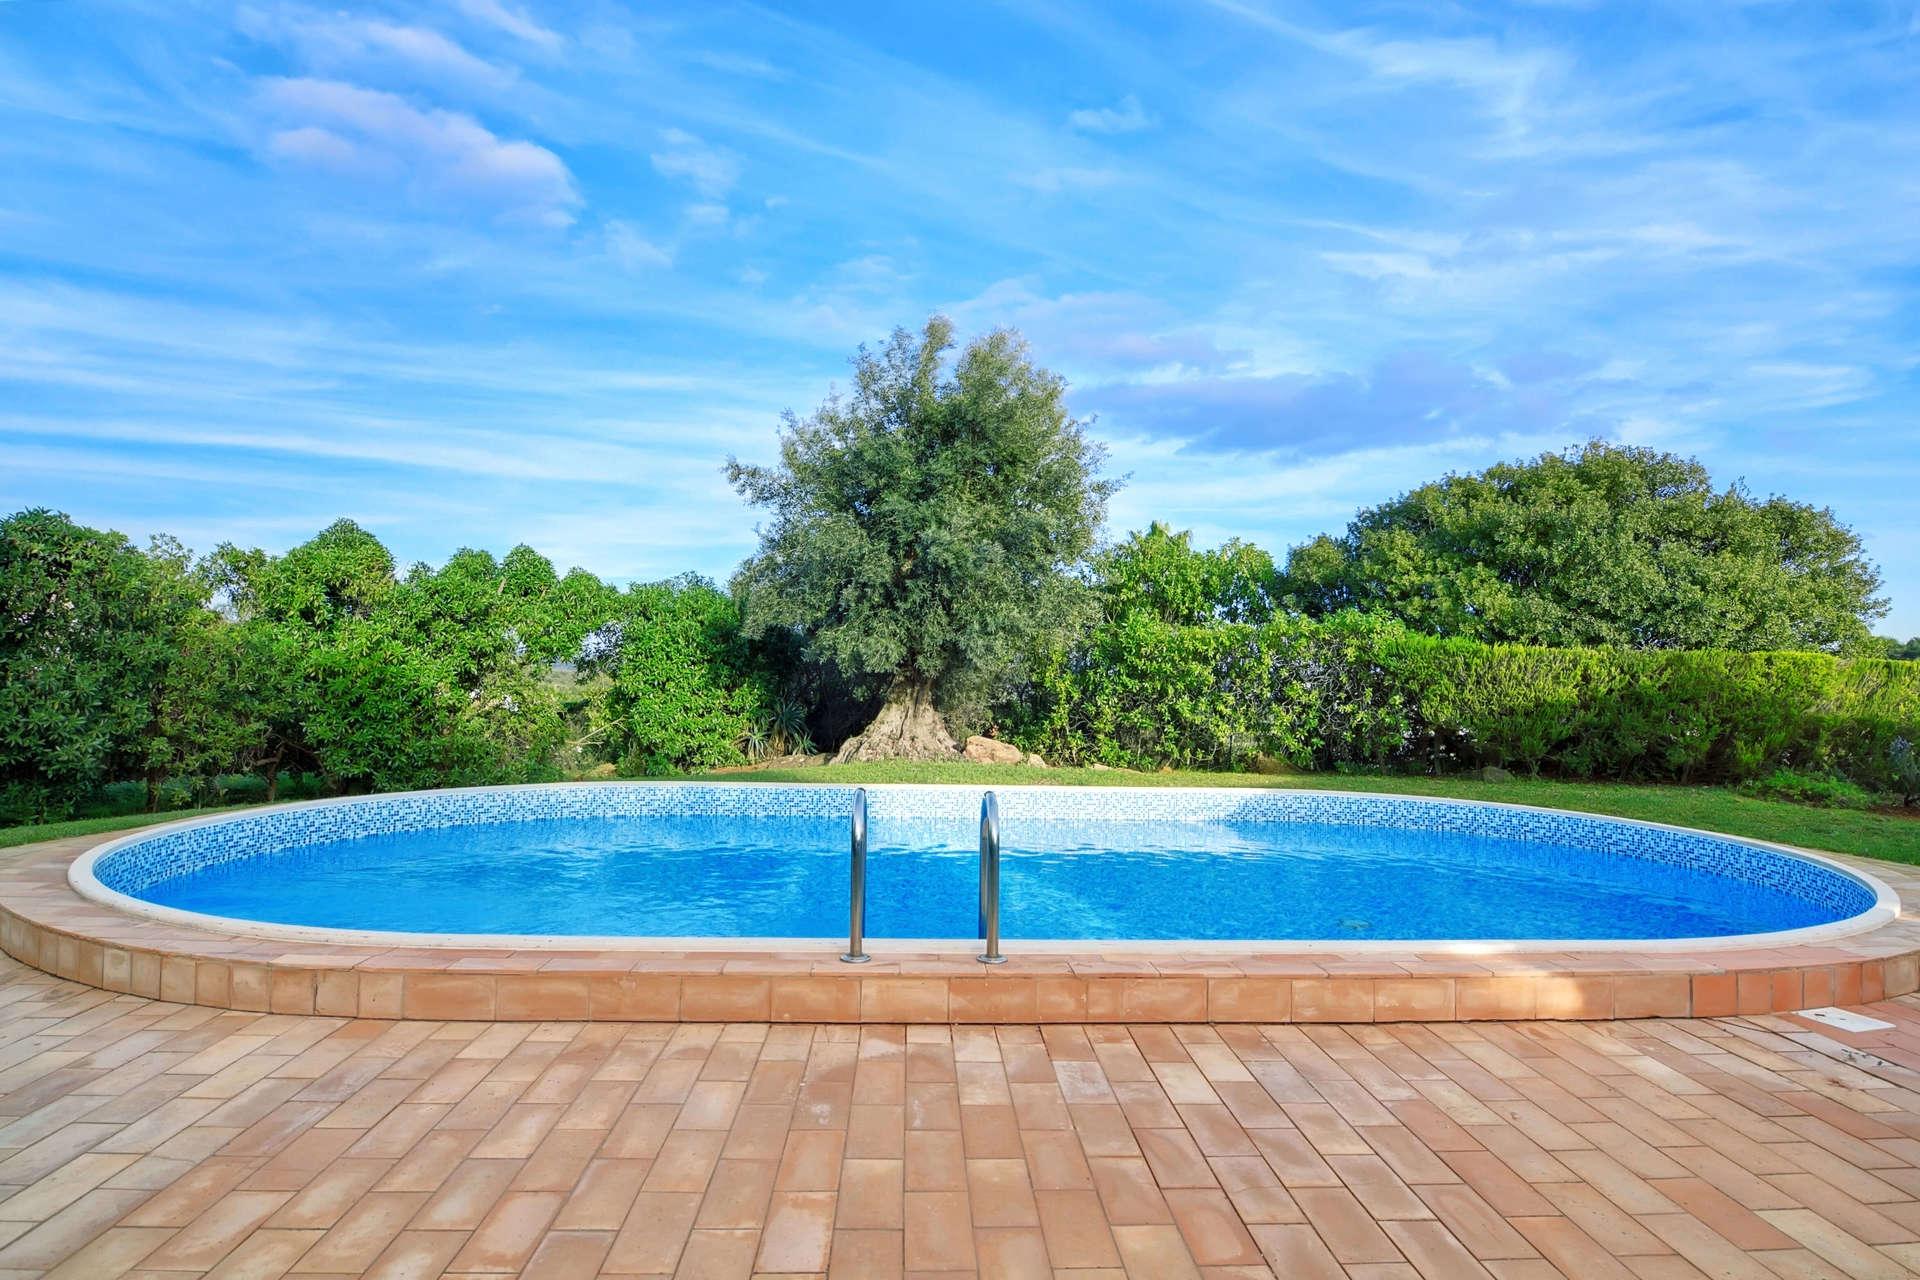 piscina blu in mezzo agli alberi sotto il cielo blu